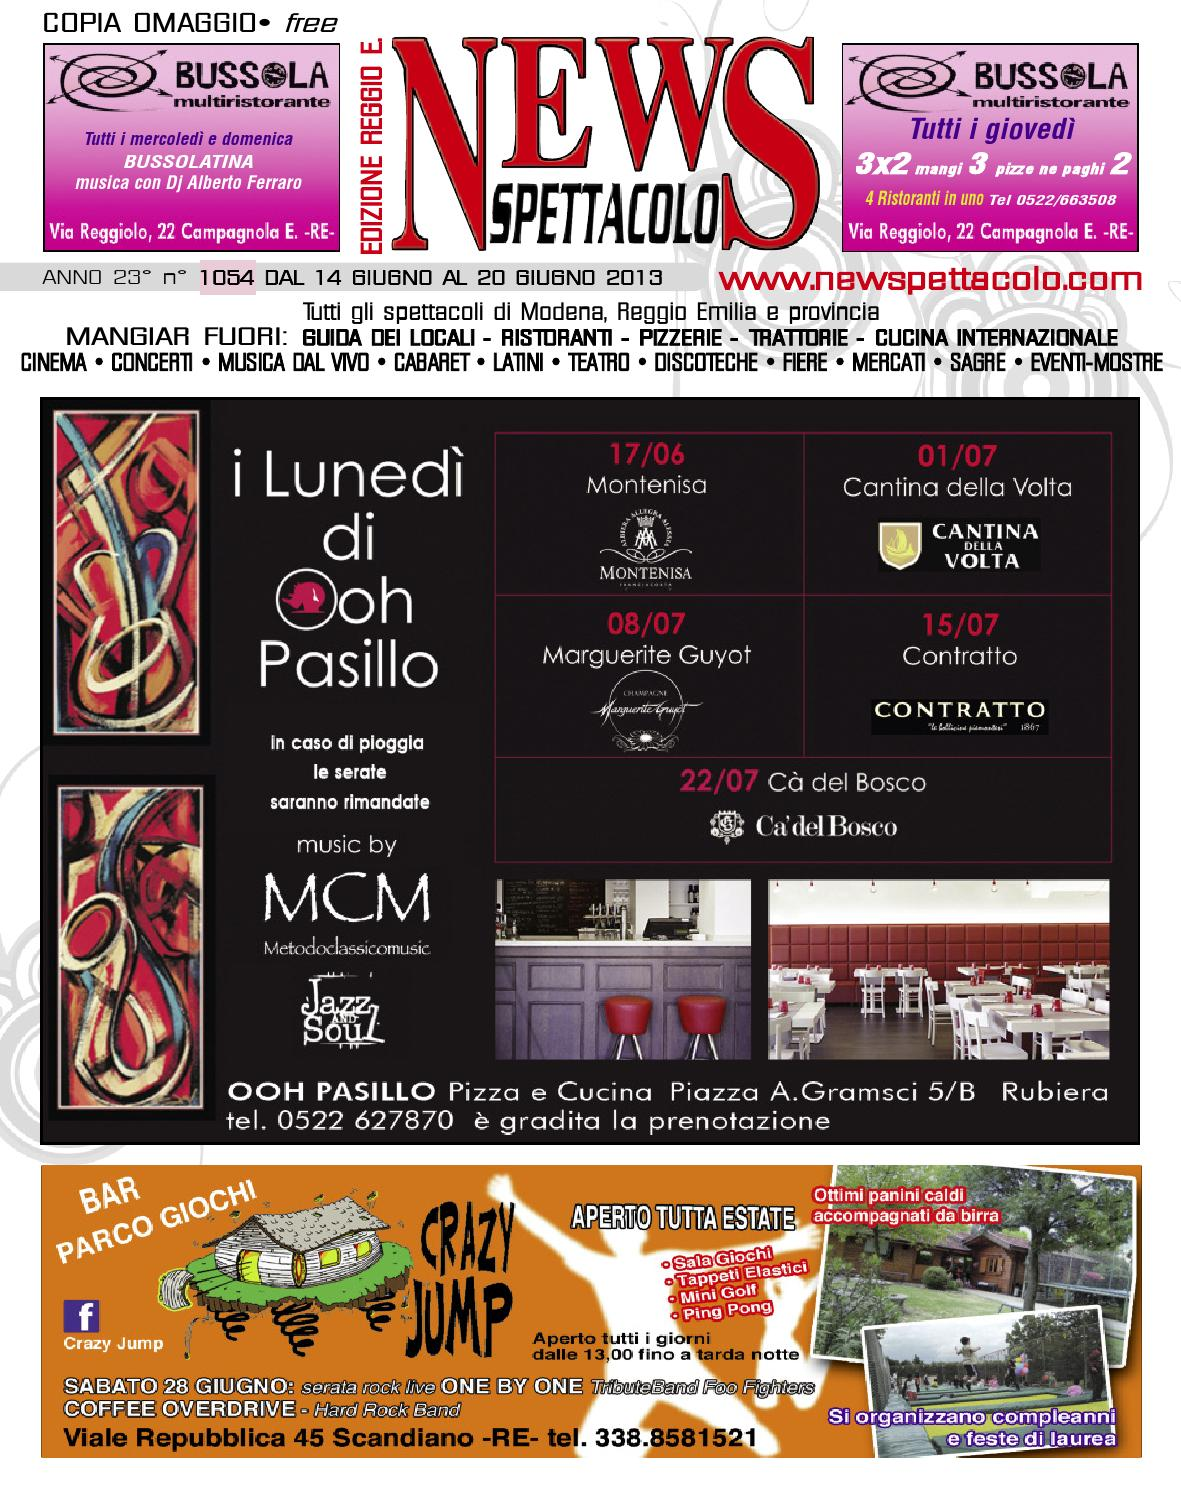 News 1054 Re By Edizioni Blb Snc Issuu